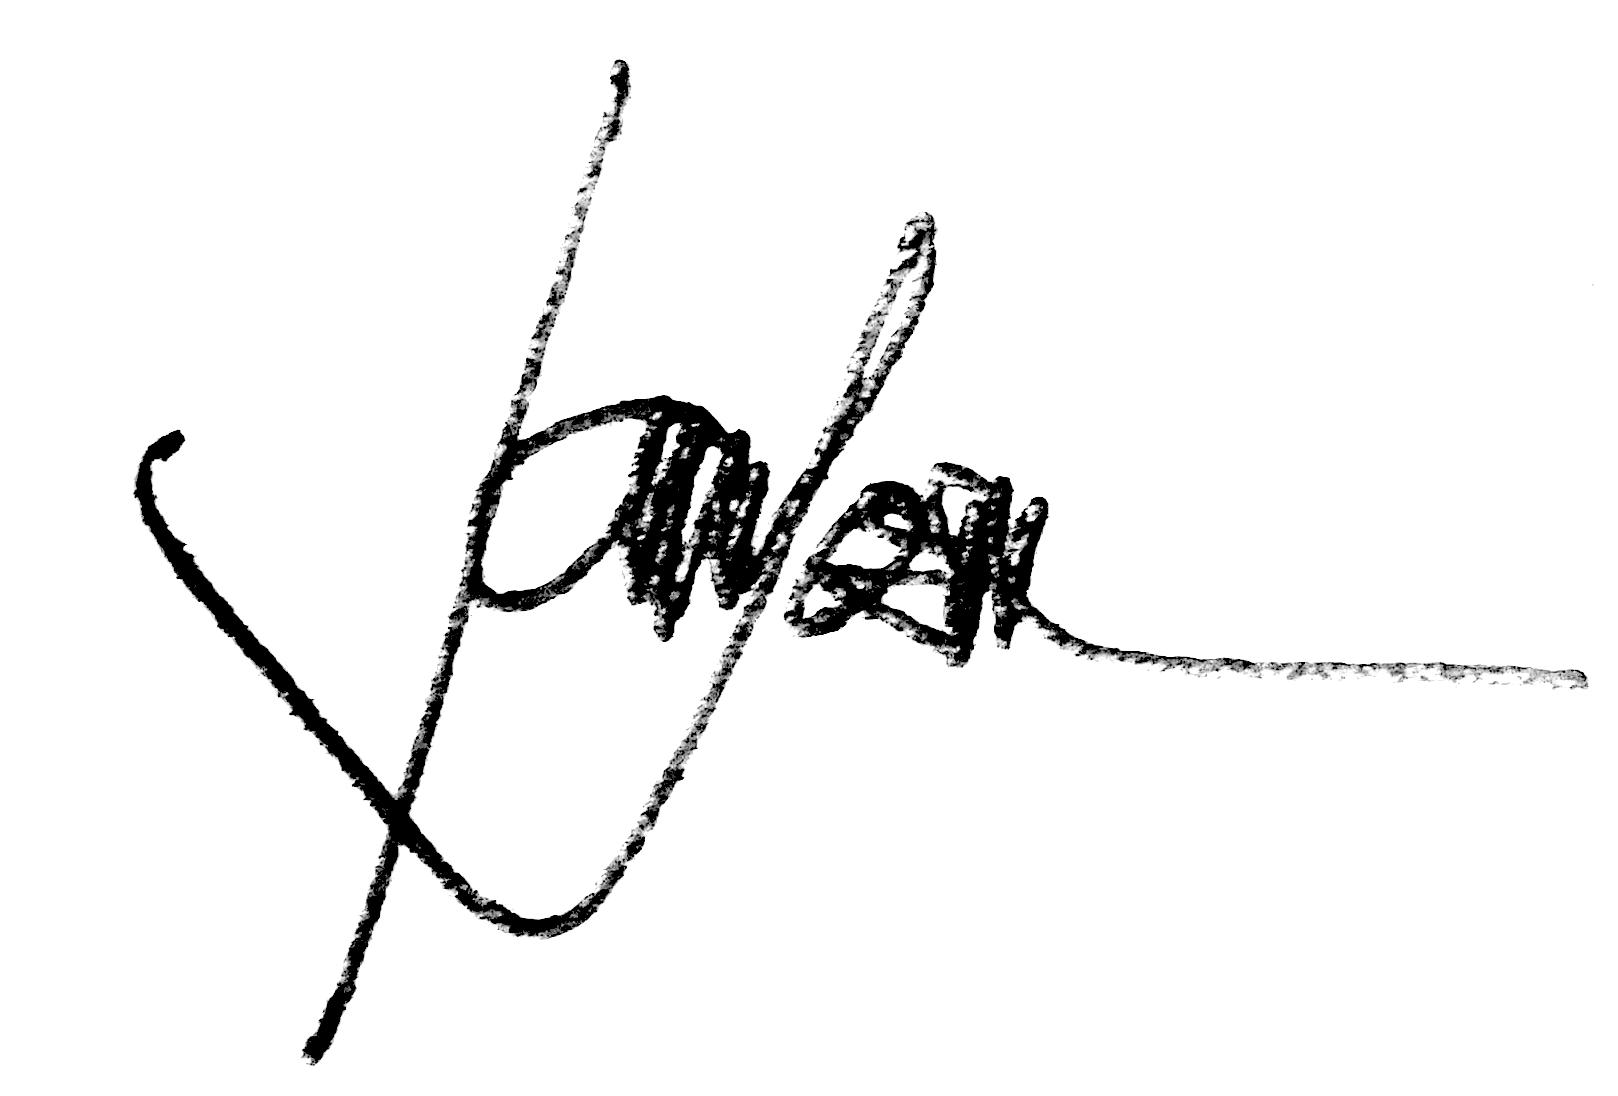 GGMODELS EXOTICA Signature